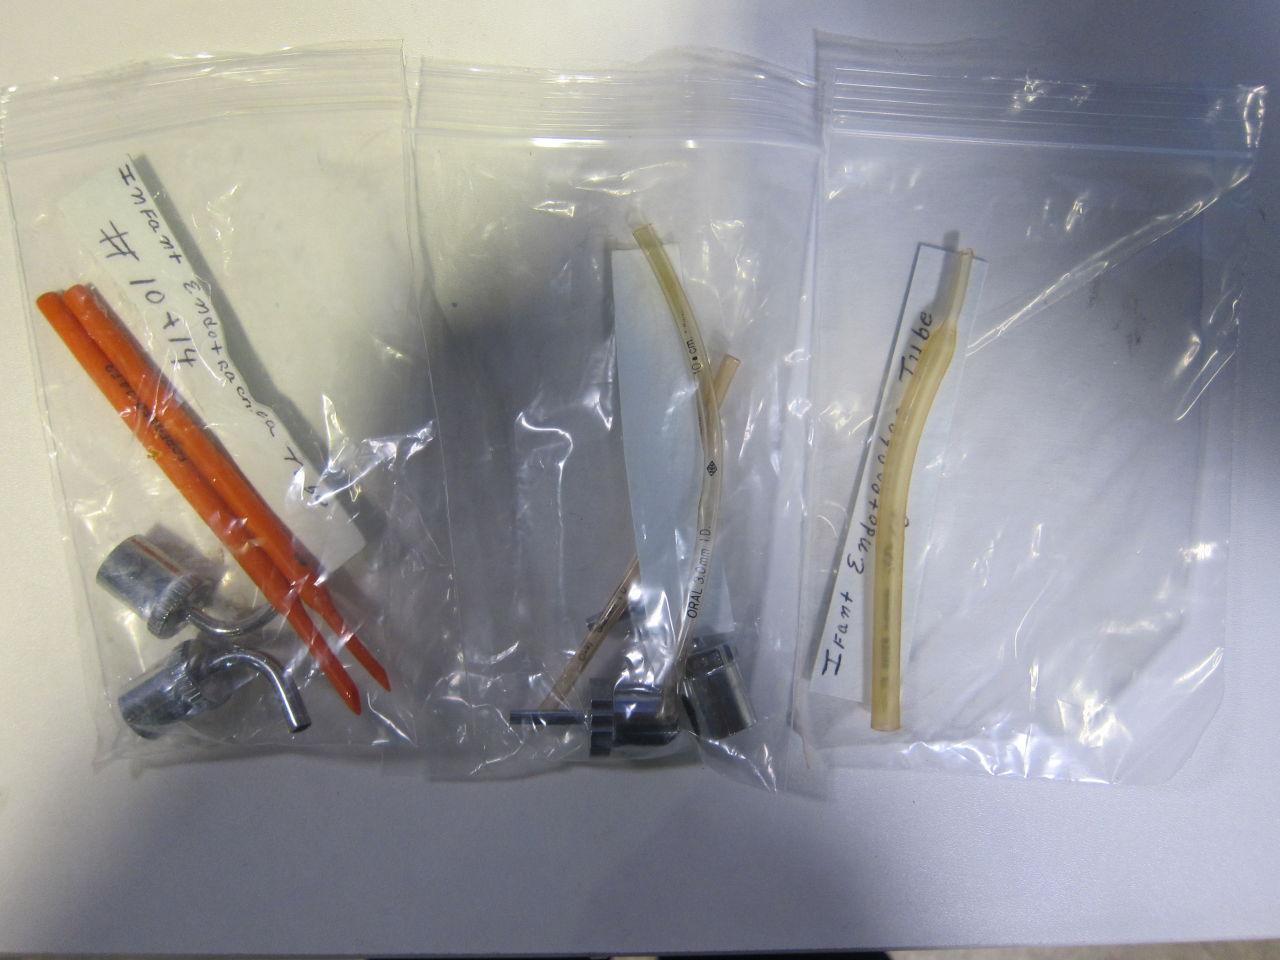 Infant Endotrachea Tube - Lot of 3